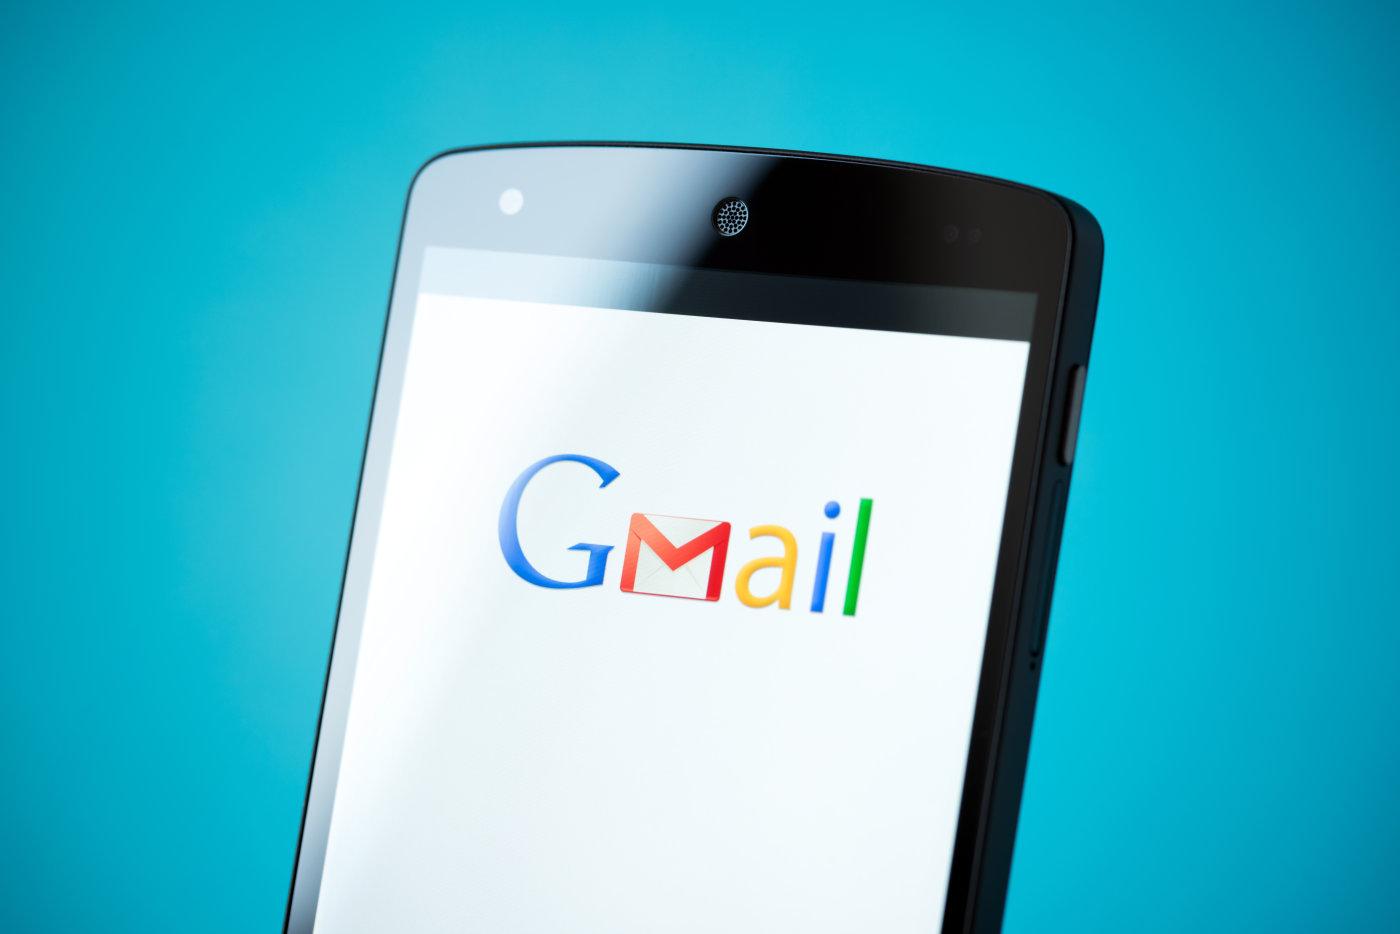 Need käsud aitavad teil Gmaili postkasti kustutada